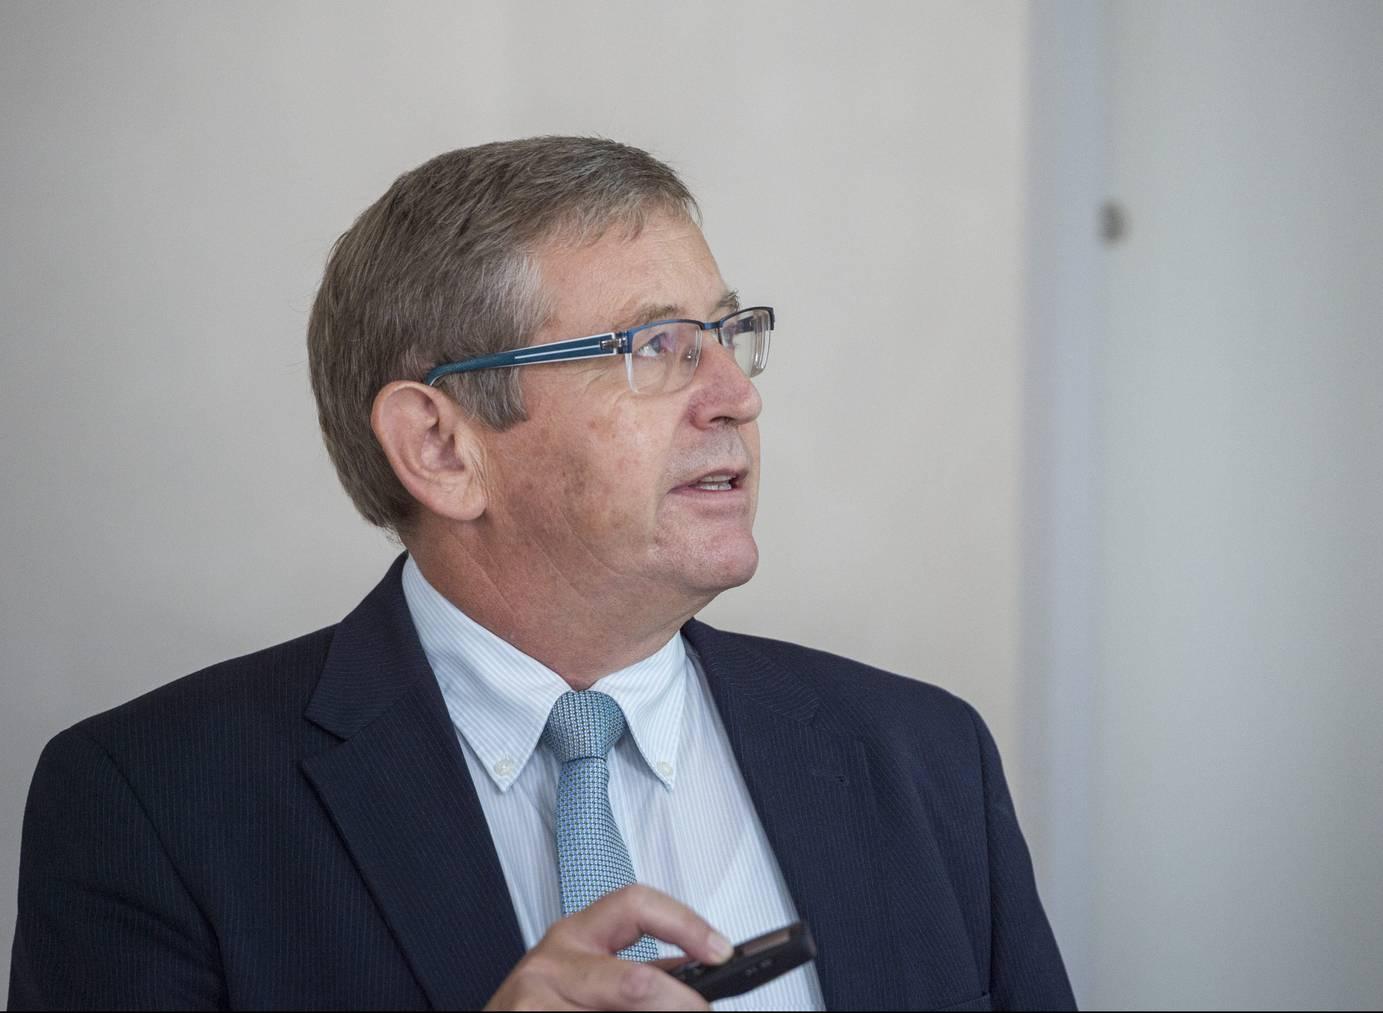 Beat Brüllmann, Leiter des Amts für Volksschule, hofft, dass sich der Konflikt in Wigoltingen bald legt.